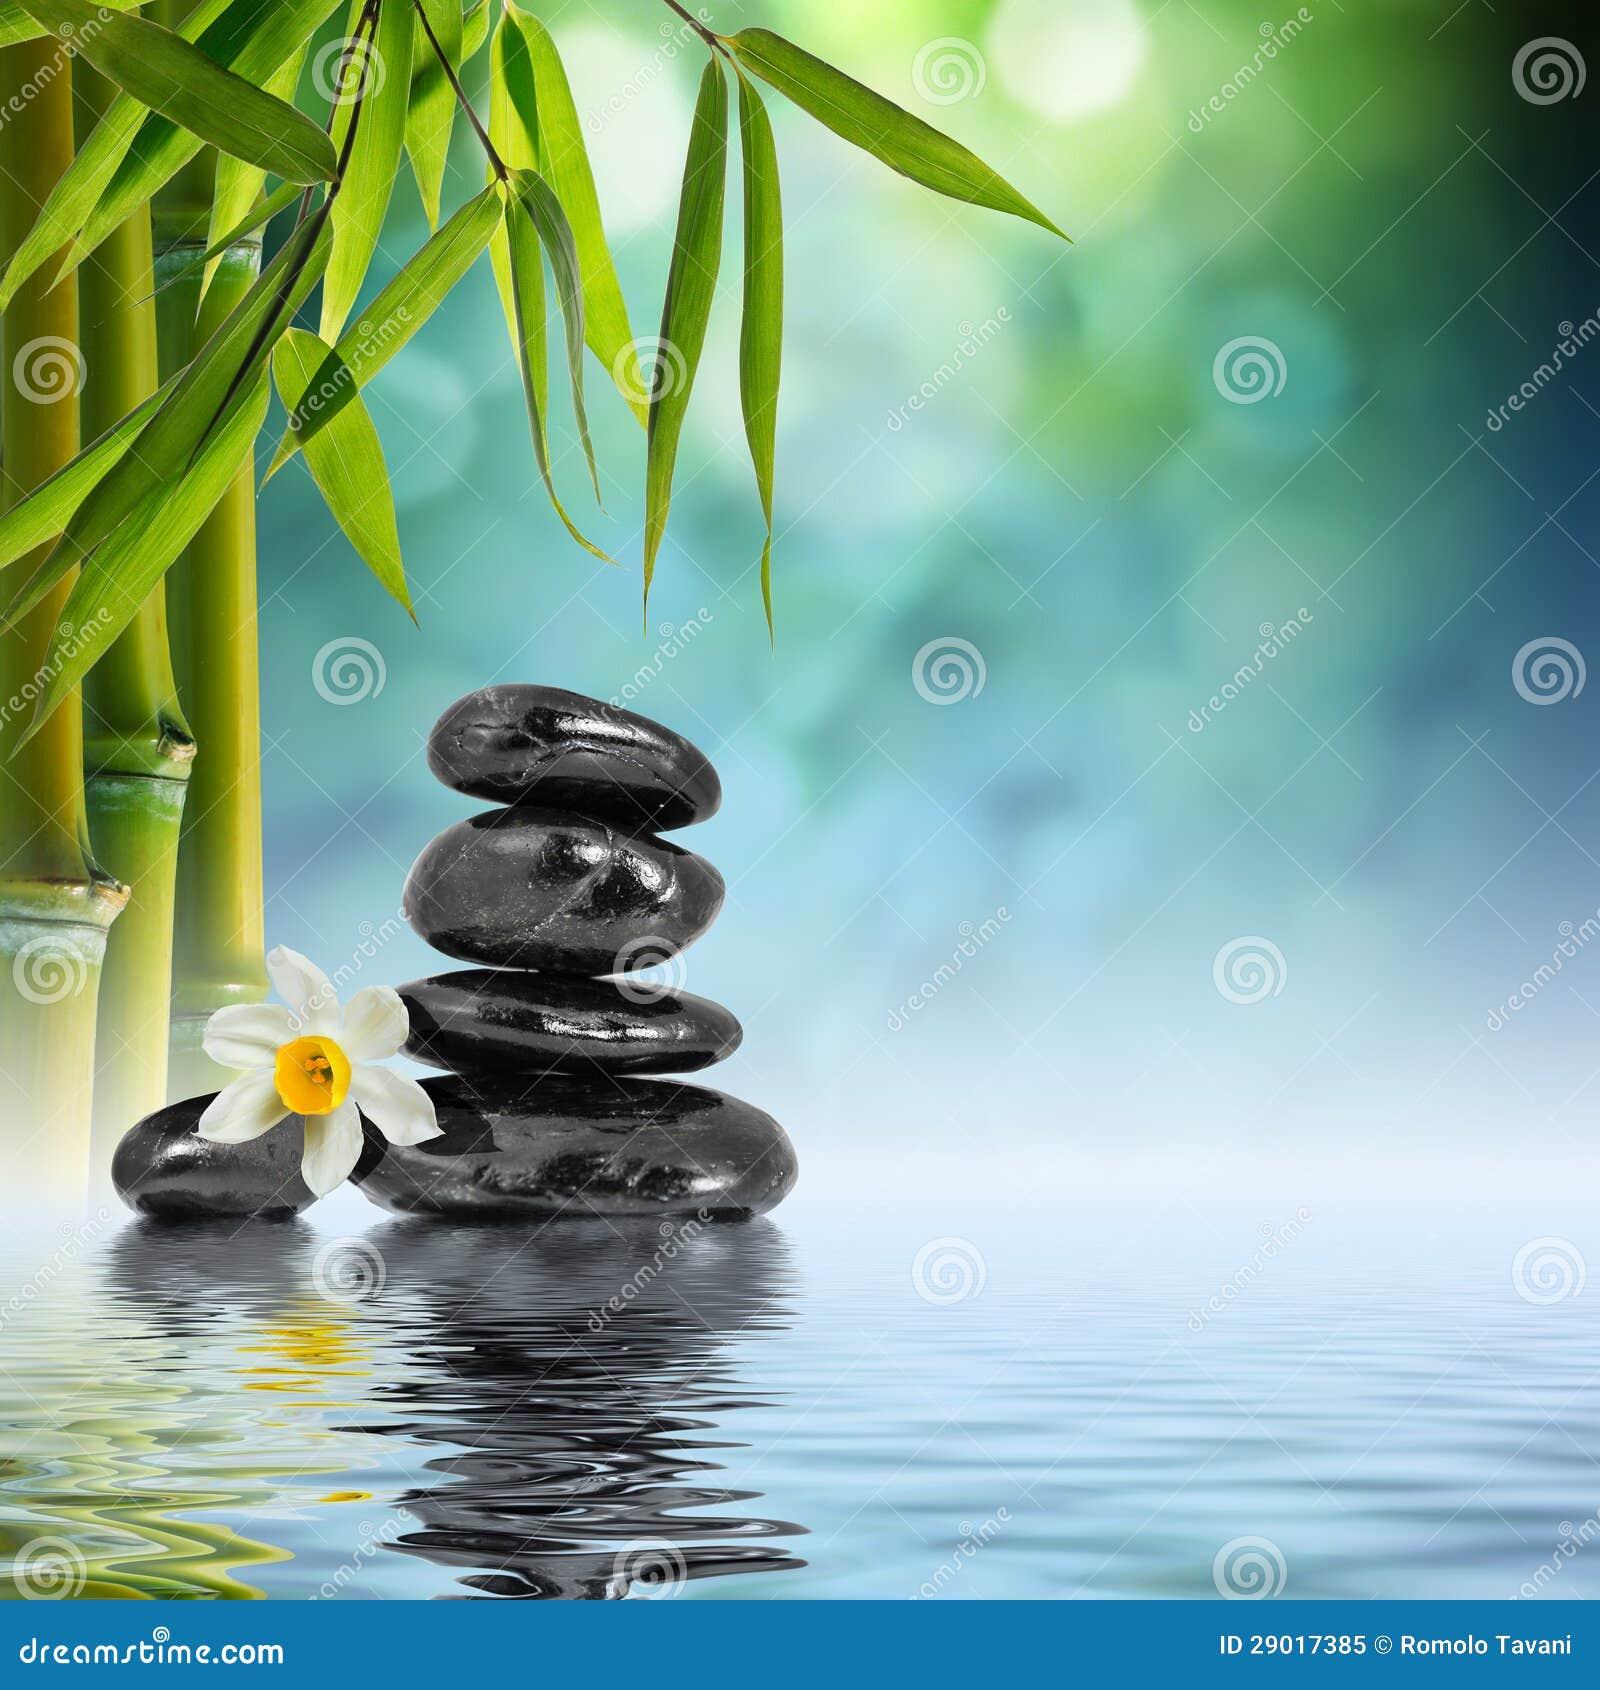 steine und bambus auf dem wasser stockbild bild 29017385. Black Bedroom Furniture Sets. Home Design Ideas